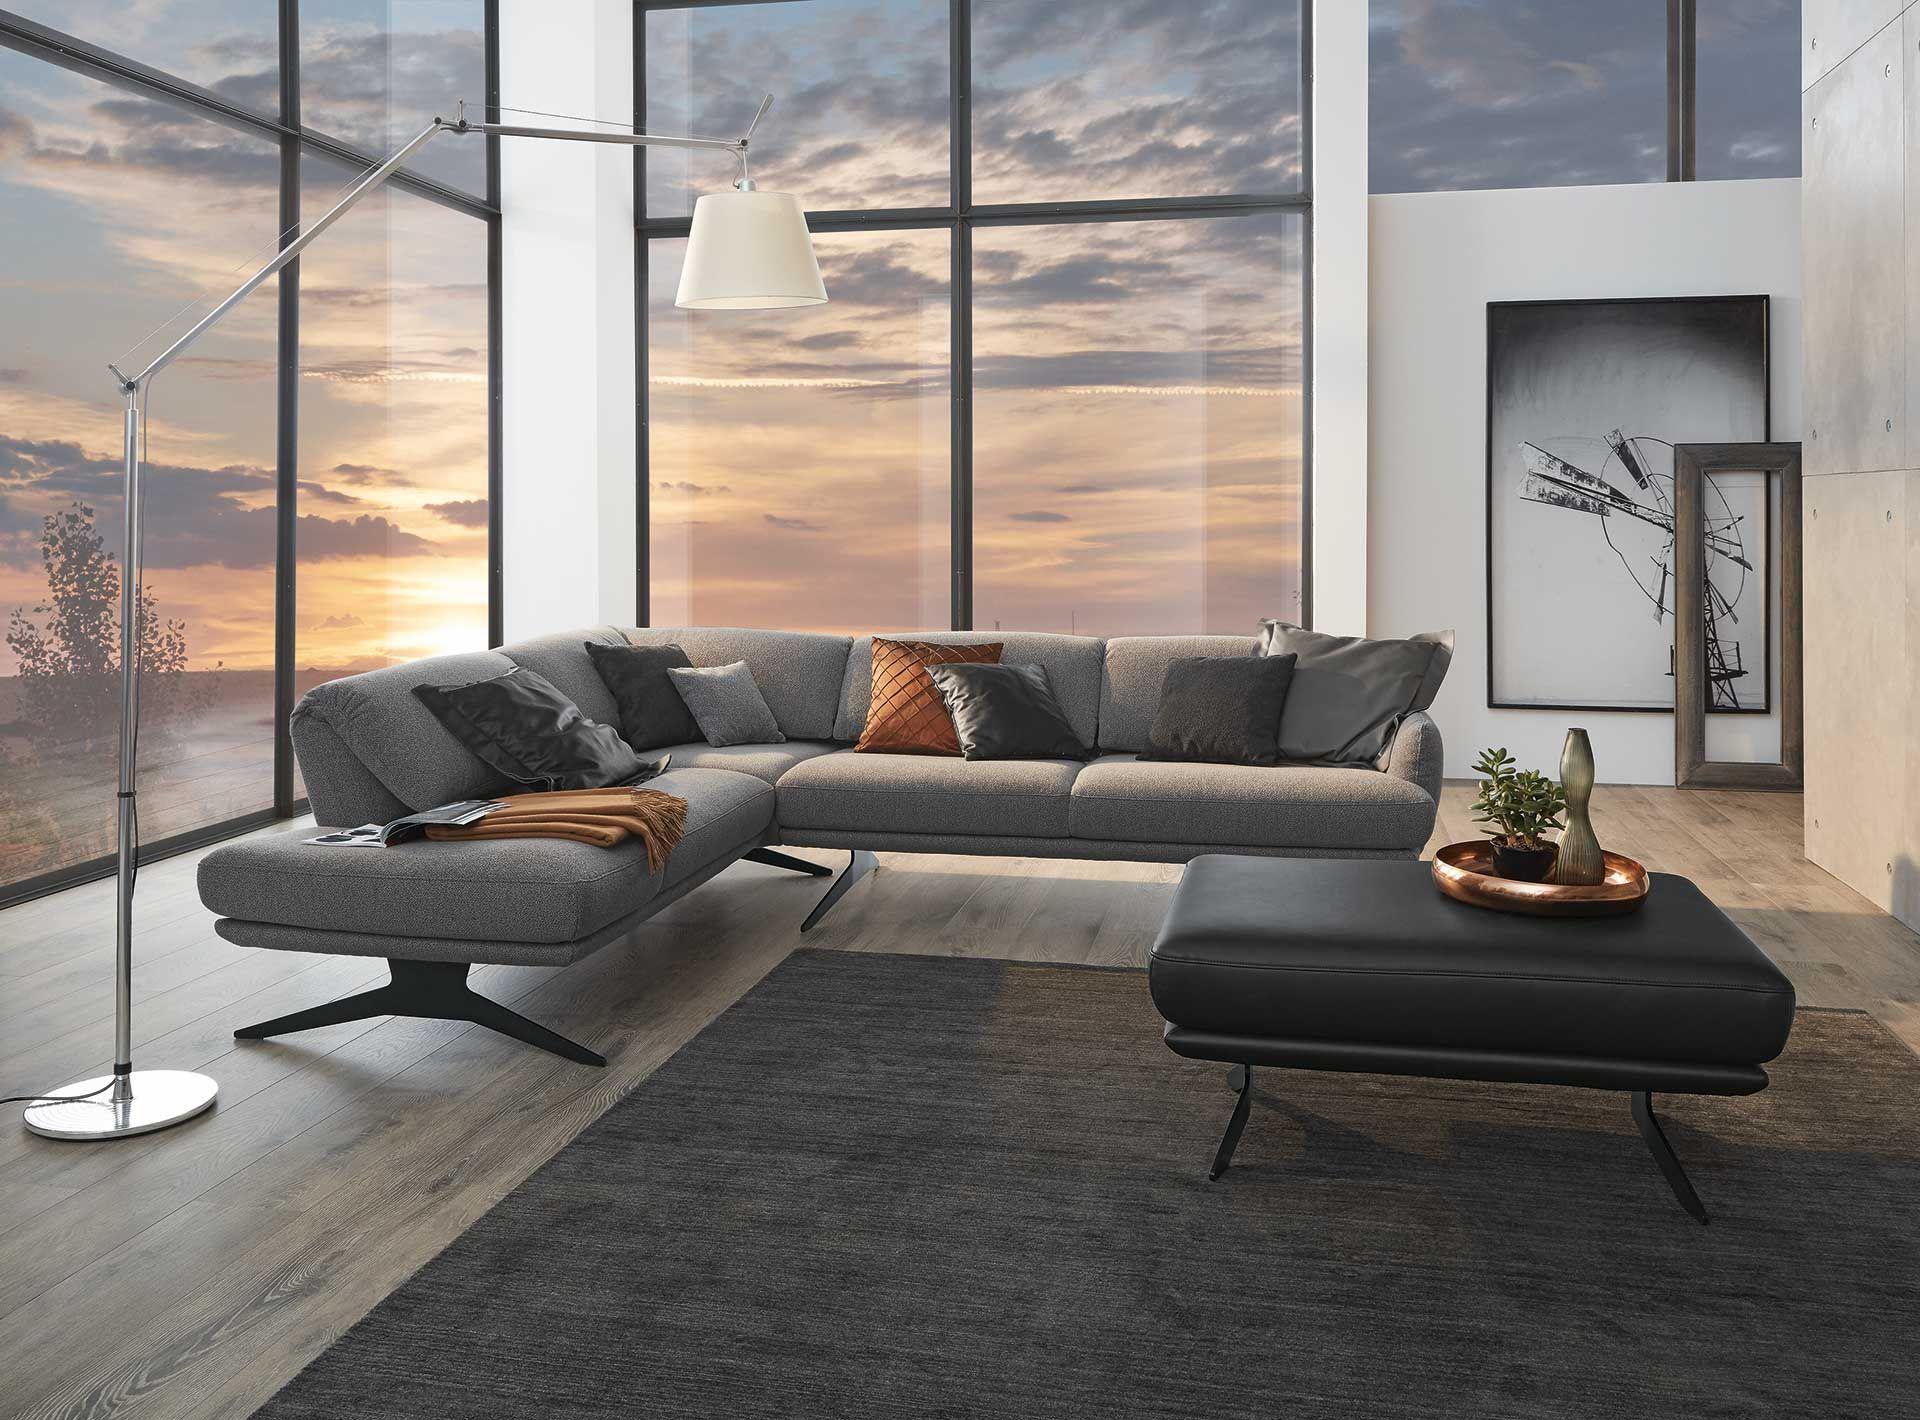 Möbeltrends 2019 Aktuelle Polstermöbel Und Betten Von Ada Hochwertige Möbel Haus Deko Sofa Design